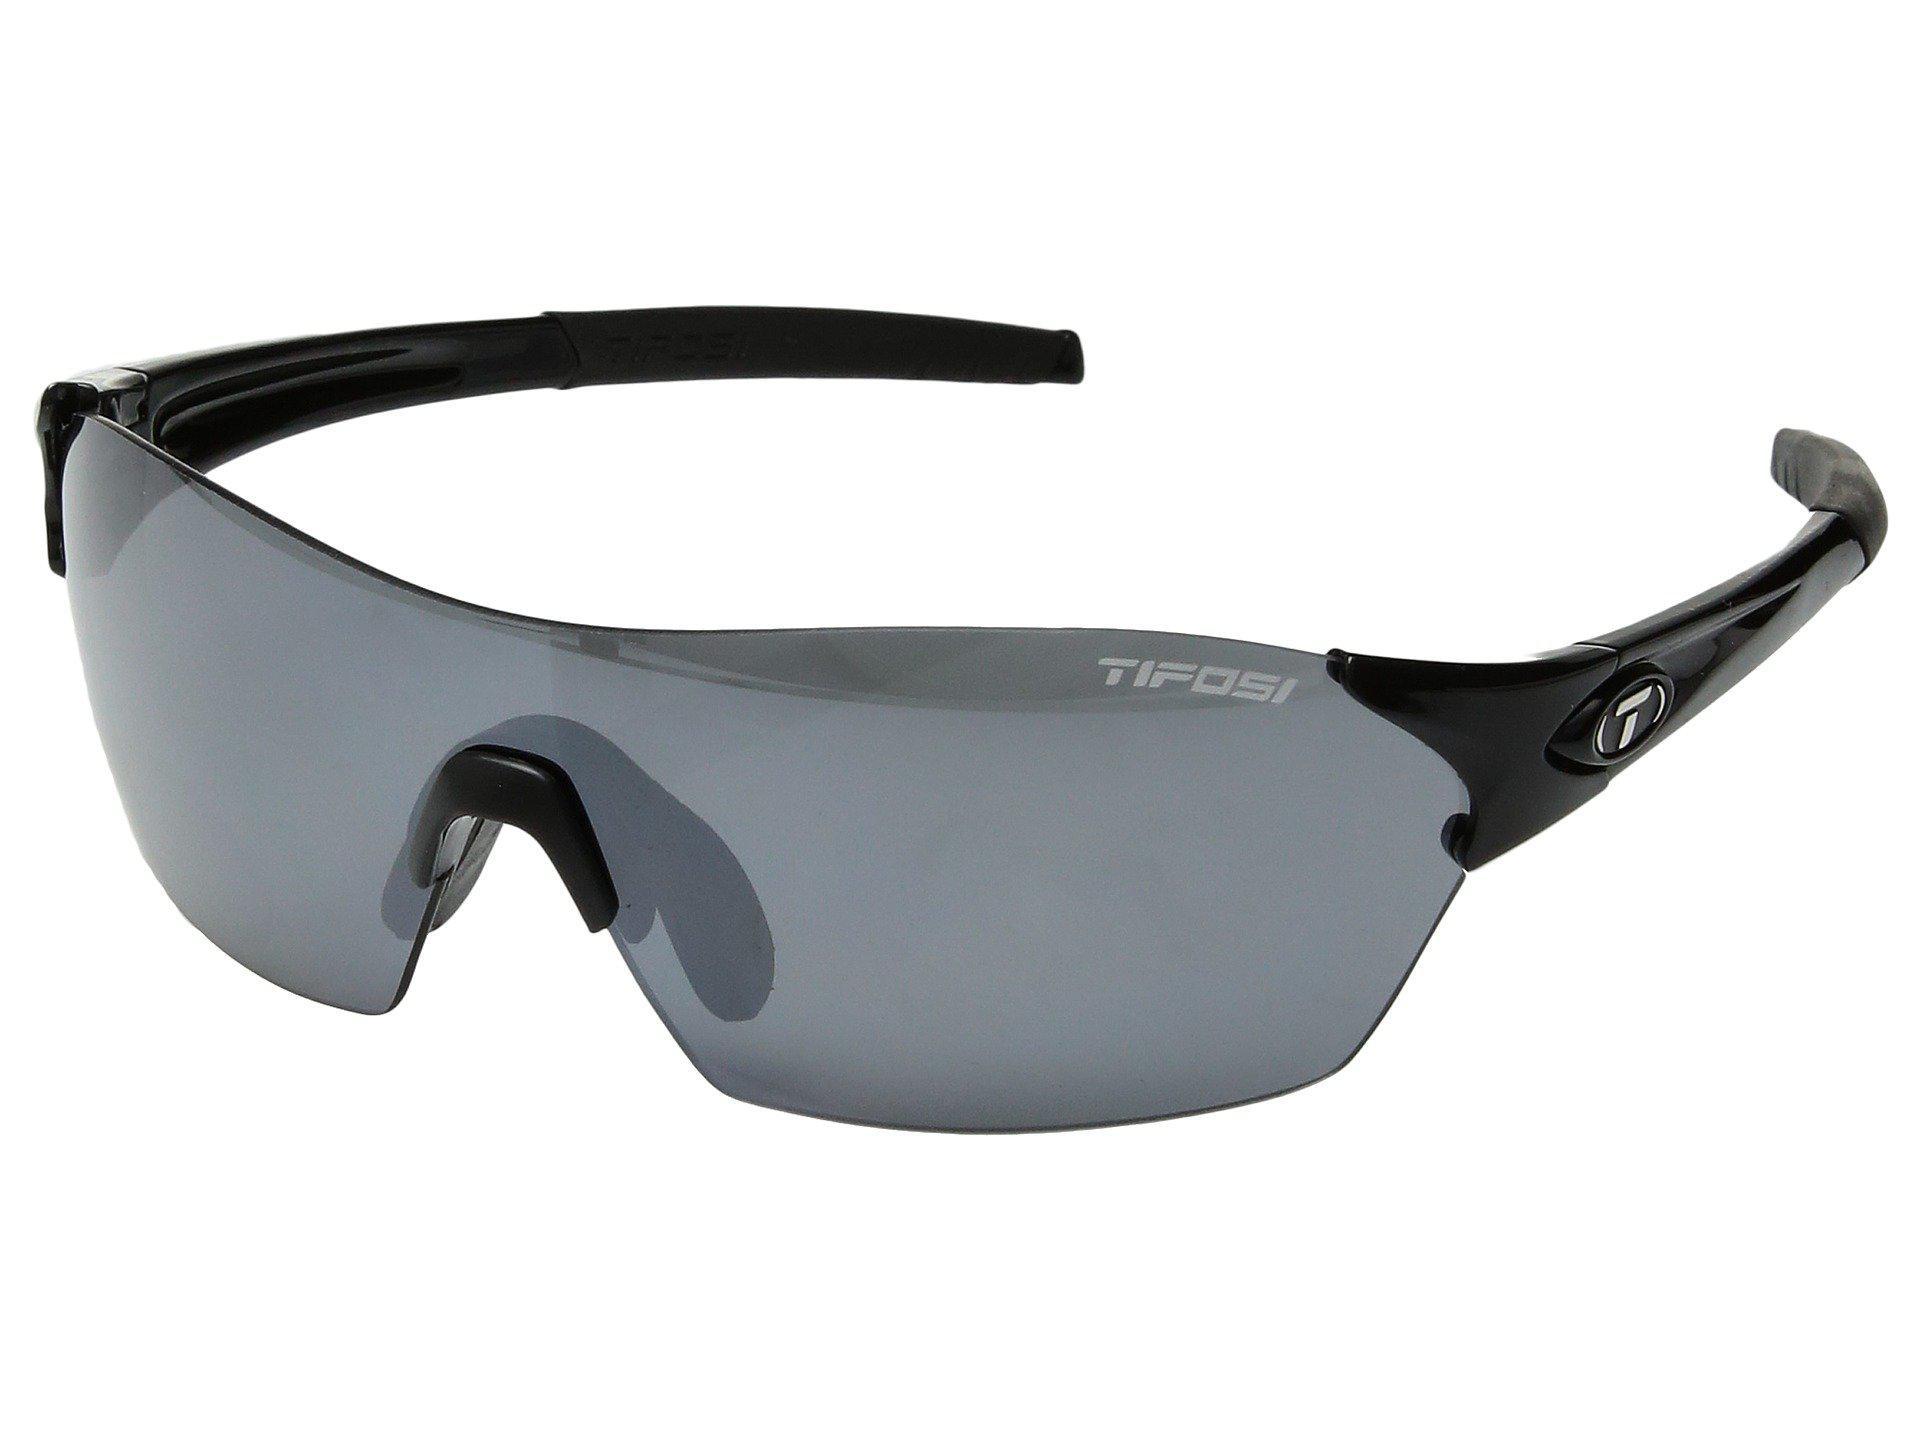 29d32f537a Tifosi Optics. Men s Brixen (gloss Black) Athletic Performance Sport  Sunglasses